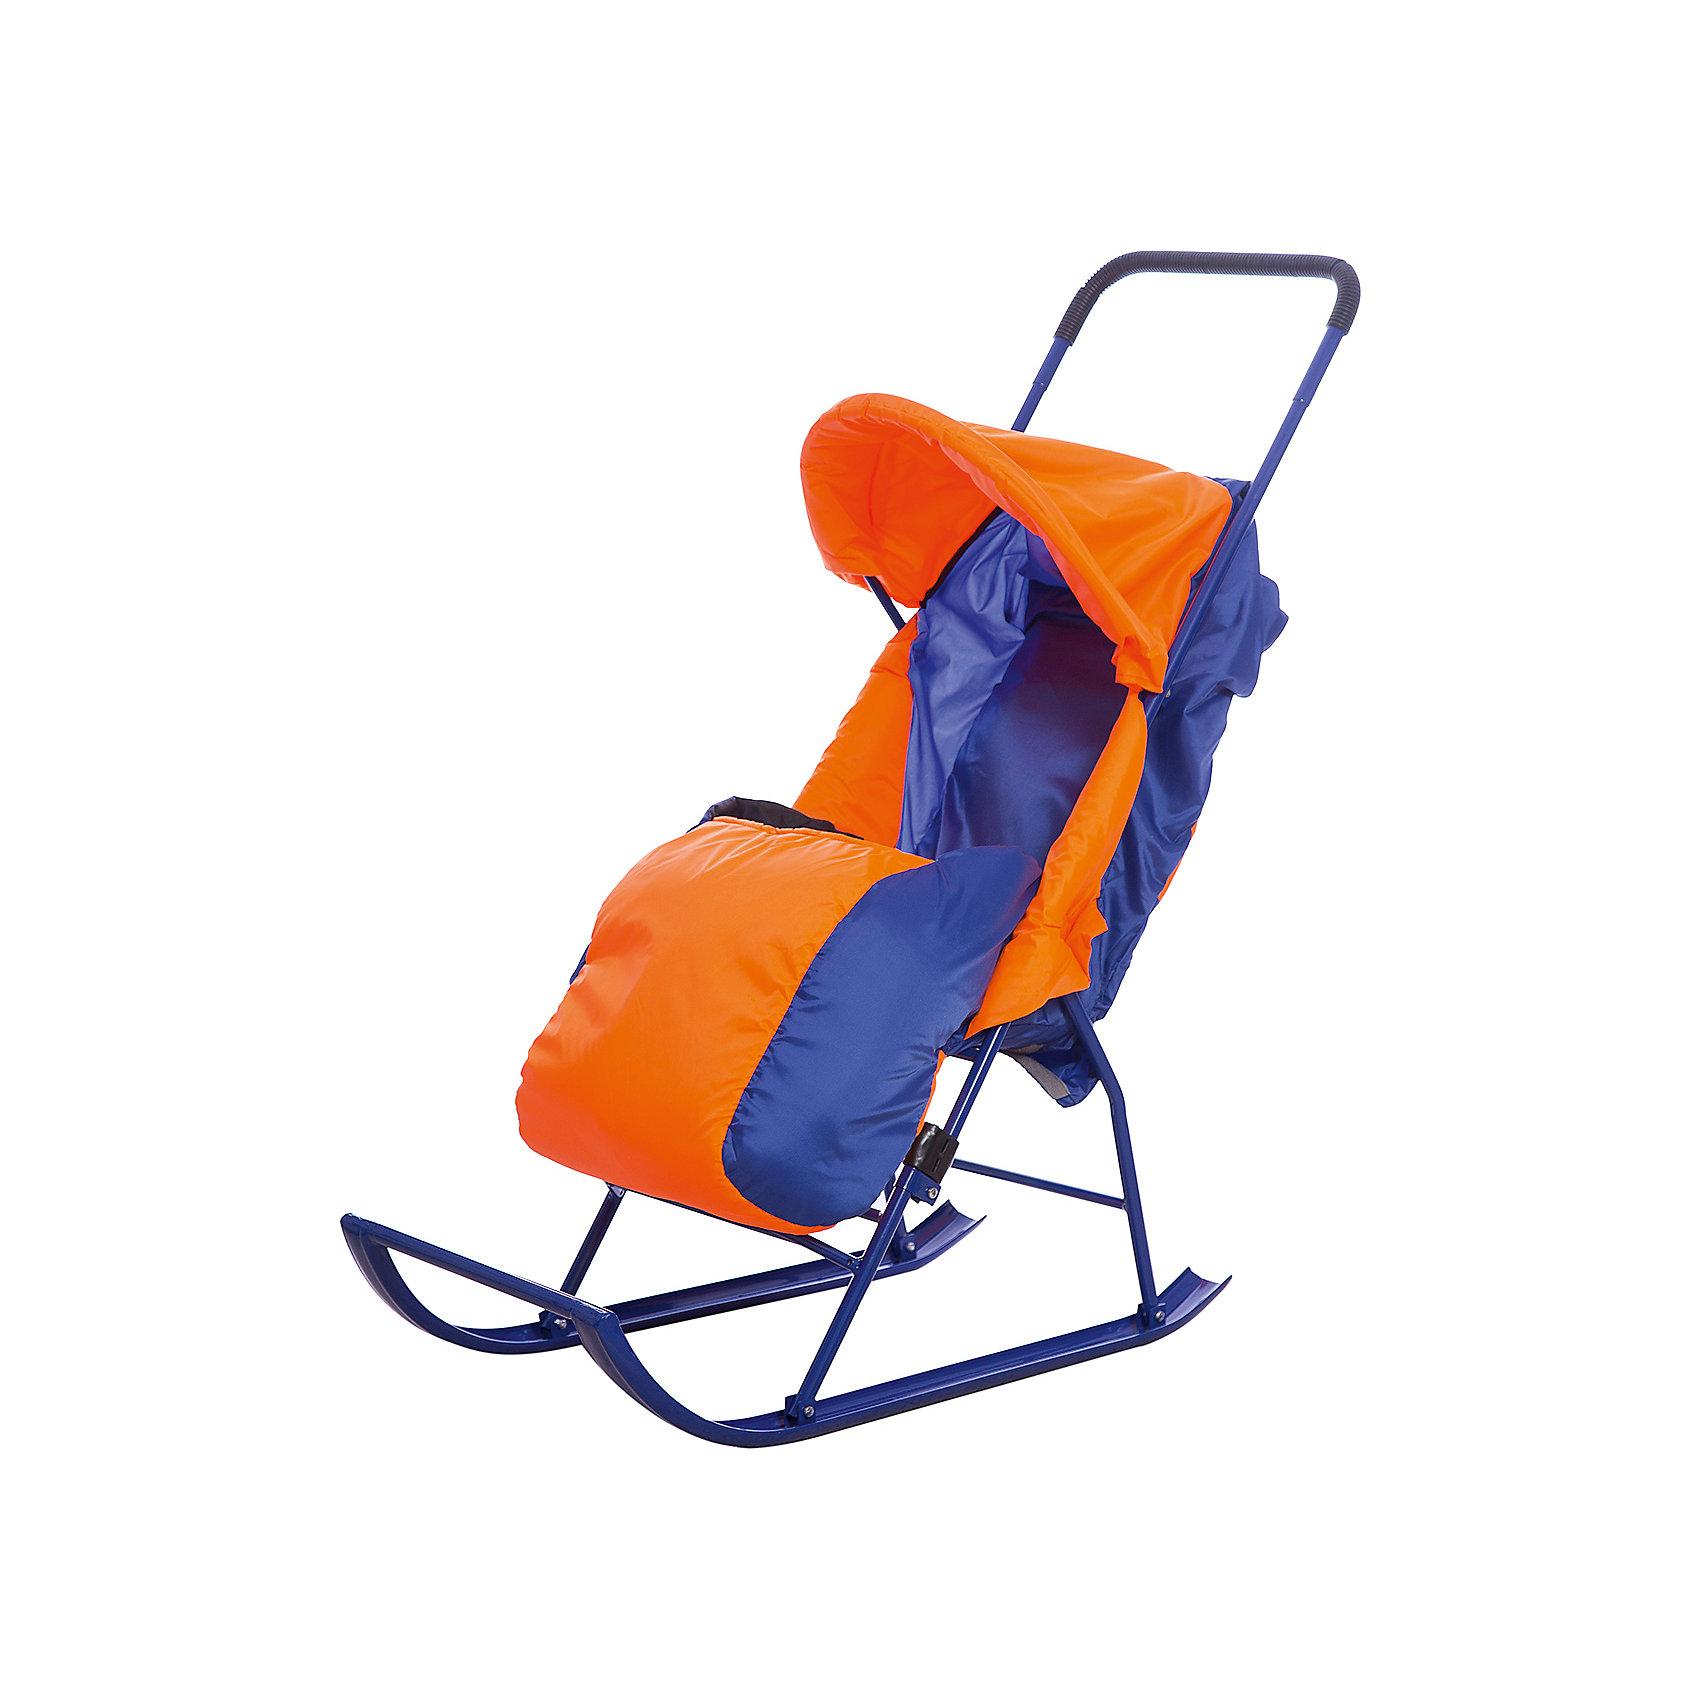 Санки-коляска Малышок 1, Galaxy, оранжевый/синийСанки-коляски<br>Санки-коляска Малышок 1, Galaxy<br><br>Характеристики:<br><br>• регулируемый угол наклона спинки: 2 положения, сидя/полулежа (45 градусов);<br>• регулируемый капюшон;<br>• 3-х точечные ремни безопасности;<br>• чехол на ножки крепится с помощью липучек;<br>• имеется небольшой карман;<br>• размер санок: 83х38х110 см;<br>• диаметр трубочек полозьев санок: 4 см;<br>• максимальная нагрузка: 50 кг;<br>• материал: металл, полиэстер;<br>• размер упаковки: 110х41х18 см;<br>• вес санок: 3 кг;<br>• вес в упаковке: 5 кг.<br><br>Санки-коляска с полозьями пригодятся для снежной зимы. Трубчатые полозья изготовлены из металла, легко скользят по снегу. Родительская ручка высоко расположена, ручка цельная, с прорезиненной нескользящей накладкой. <br><br>Регулируемая спинка санок позволяет подобрать для малыша оптимальное положение, сидя или полулежа. Капюшон и чехол на ножки защищает малыша от ветра. Чехол крепится к прогулочному блоку санок-коляски с помощью липучек. <br><br>Складная конструкция санок обеспечивает компактное хранение санок-коляски, их можно перевозить в багажнике, хранить санки на балконе или в гараже. <br><br>Санки-коляску Малышок 1, Galaxy, оранжевый/синий можно купить в нашем магазине.<br><br>Ширина мм: 1000<br>Глубина мм: 400<br>Высота мм: 200<br>Вес г: 4006<br>Возраст от месяцев: 24<br>Возраст до месяцев: 48<br>Пол: Мужской<br>Возраст: Детский<br>SKU: 5228975